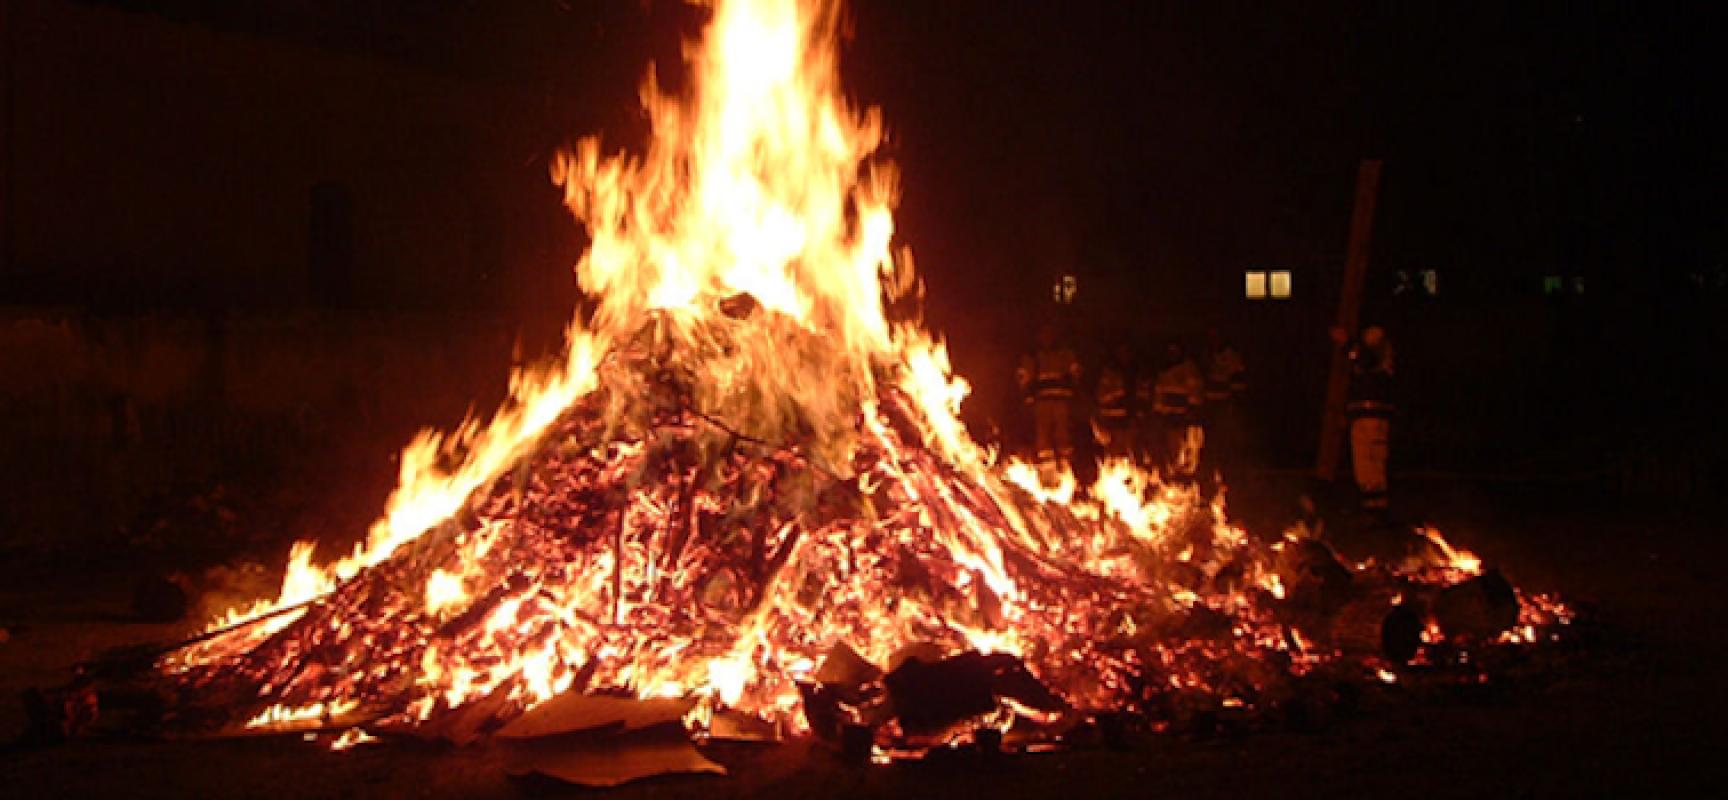 Vigilia dell'Immacolata, oggi è il giorno dei falò: la tradizione tra sacro e profano